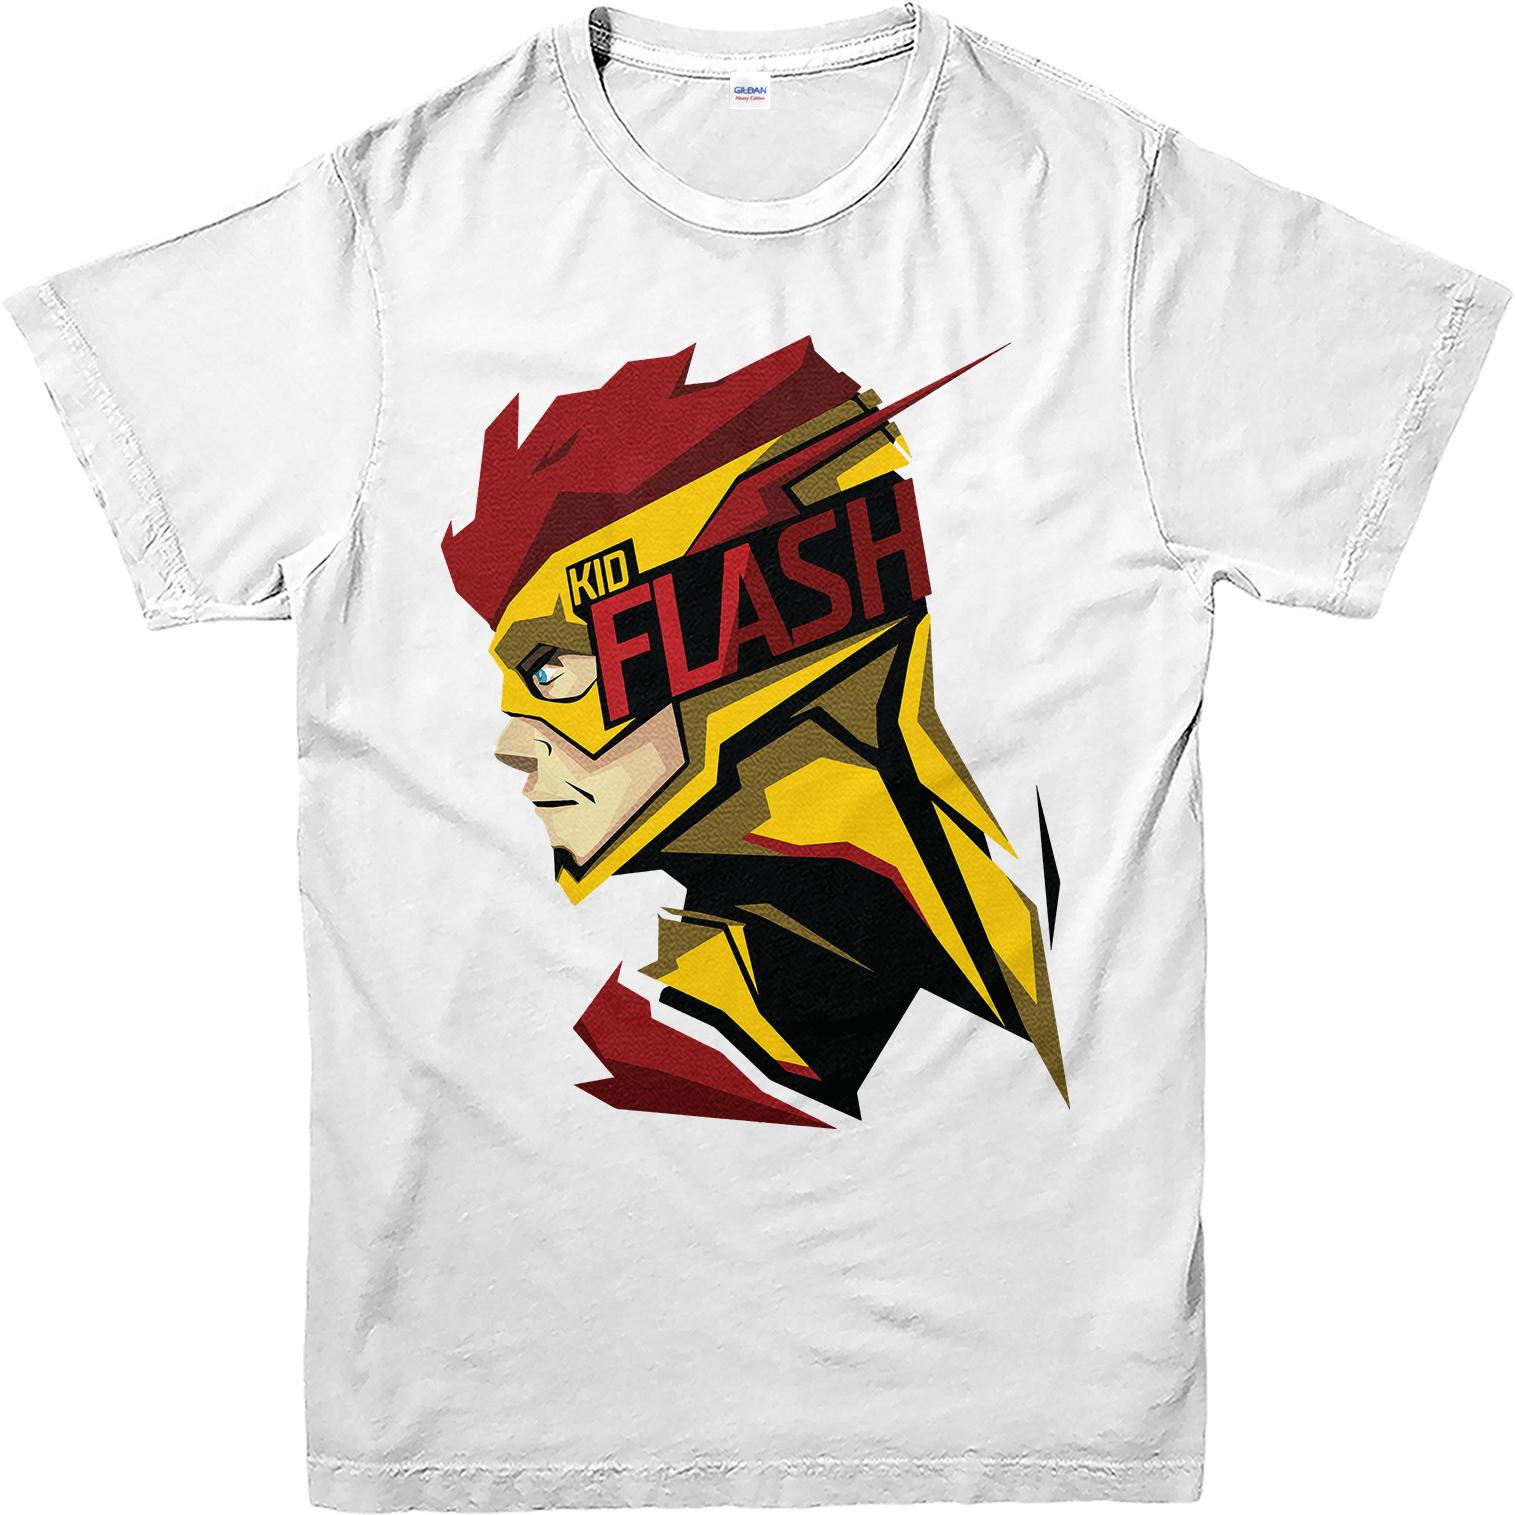 flash t shirt kid flash spoof t shirt inspired design top kfsf ebay. Black Bedroom Furniture Sets. Home Design Ideas